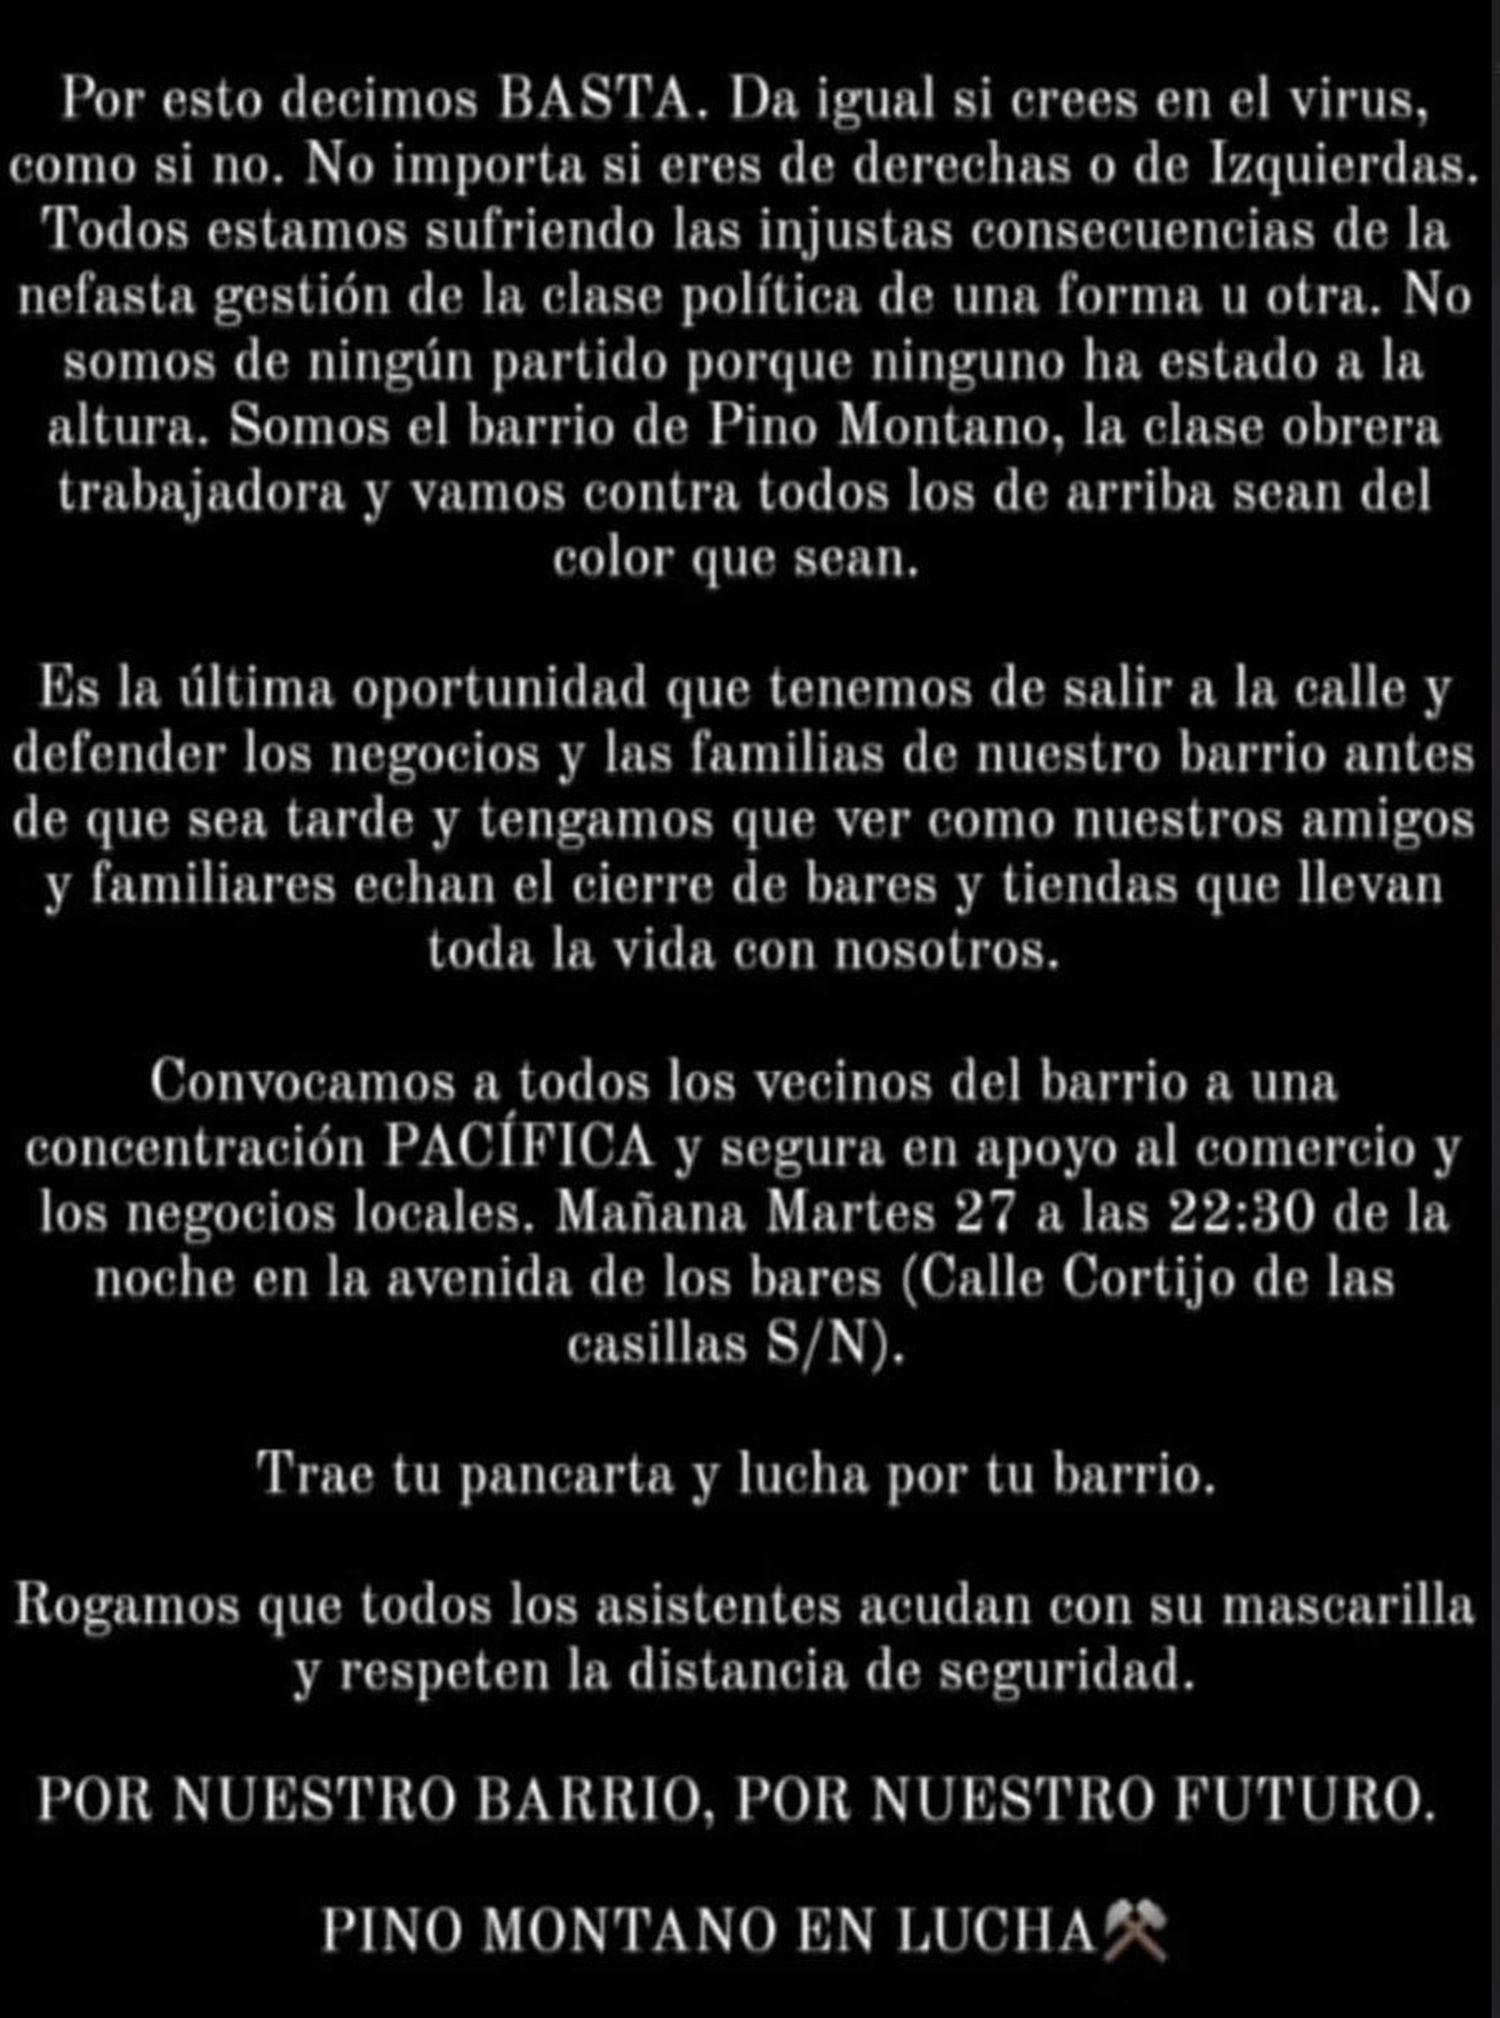 Convocatoria de la manifestación en Pino Montano.